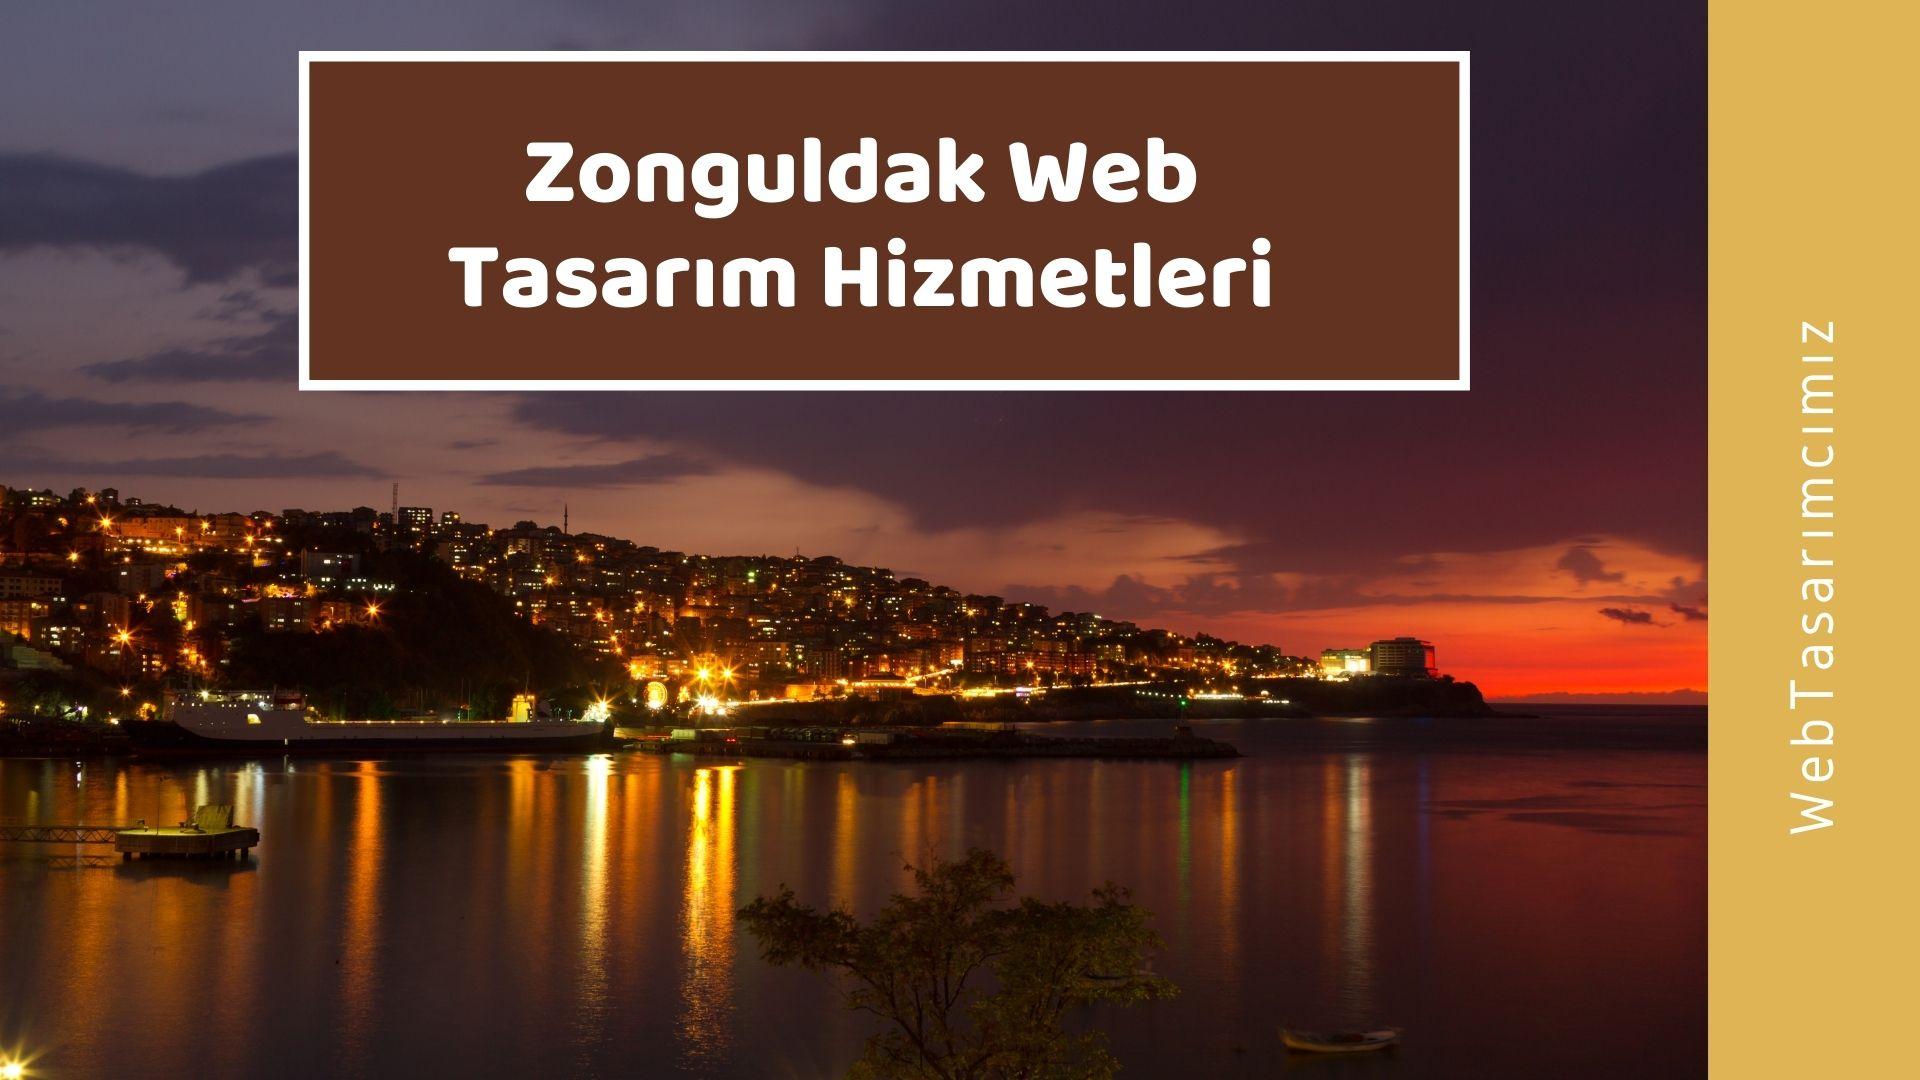 Zonguldak Web Tasarım Hizmetleri